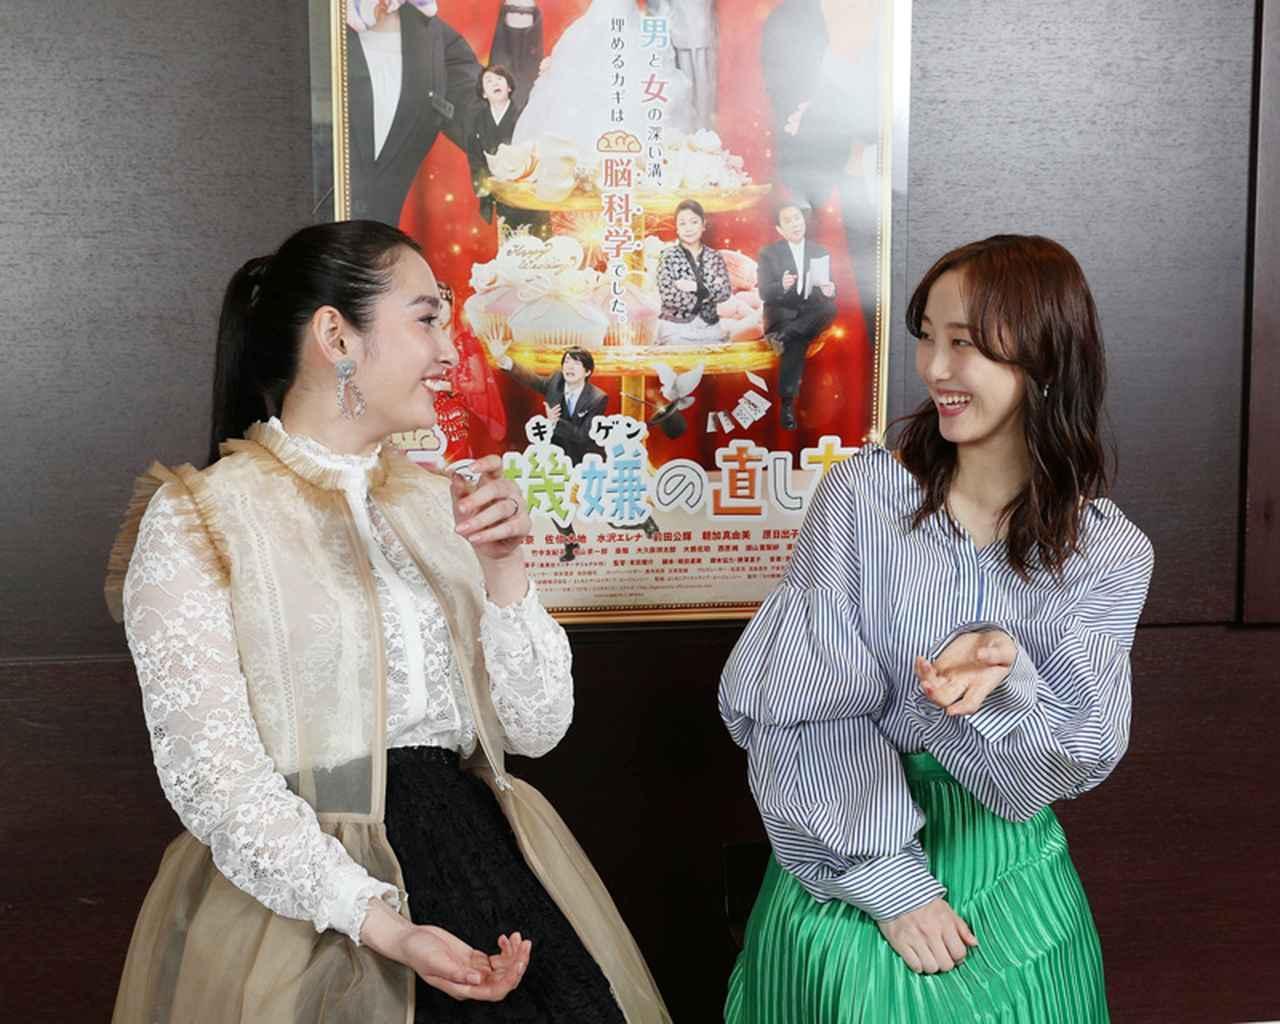 画像7: 早見あかり、松井玲奈/男女の脳の違いを描いた映画「女の機嫌の直し方」で共演。「この作品を観て、すべてのカップルに幸せになってほしい!」